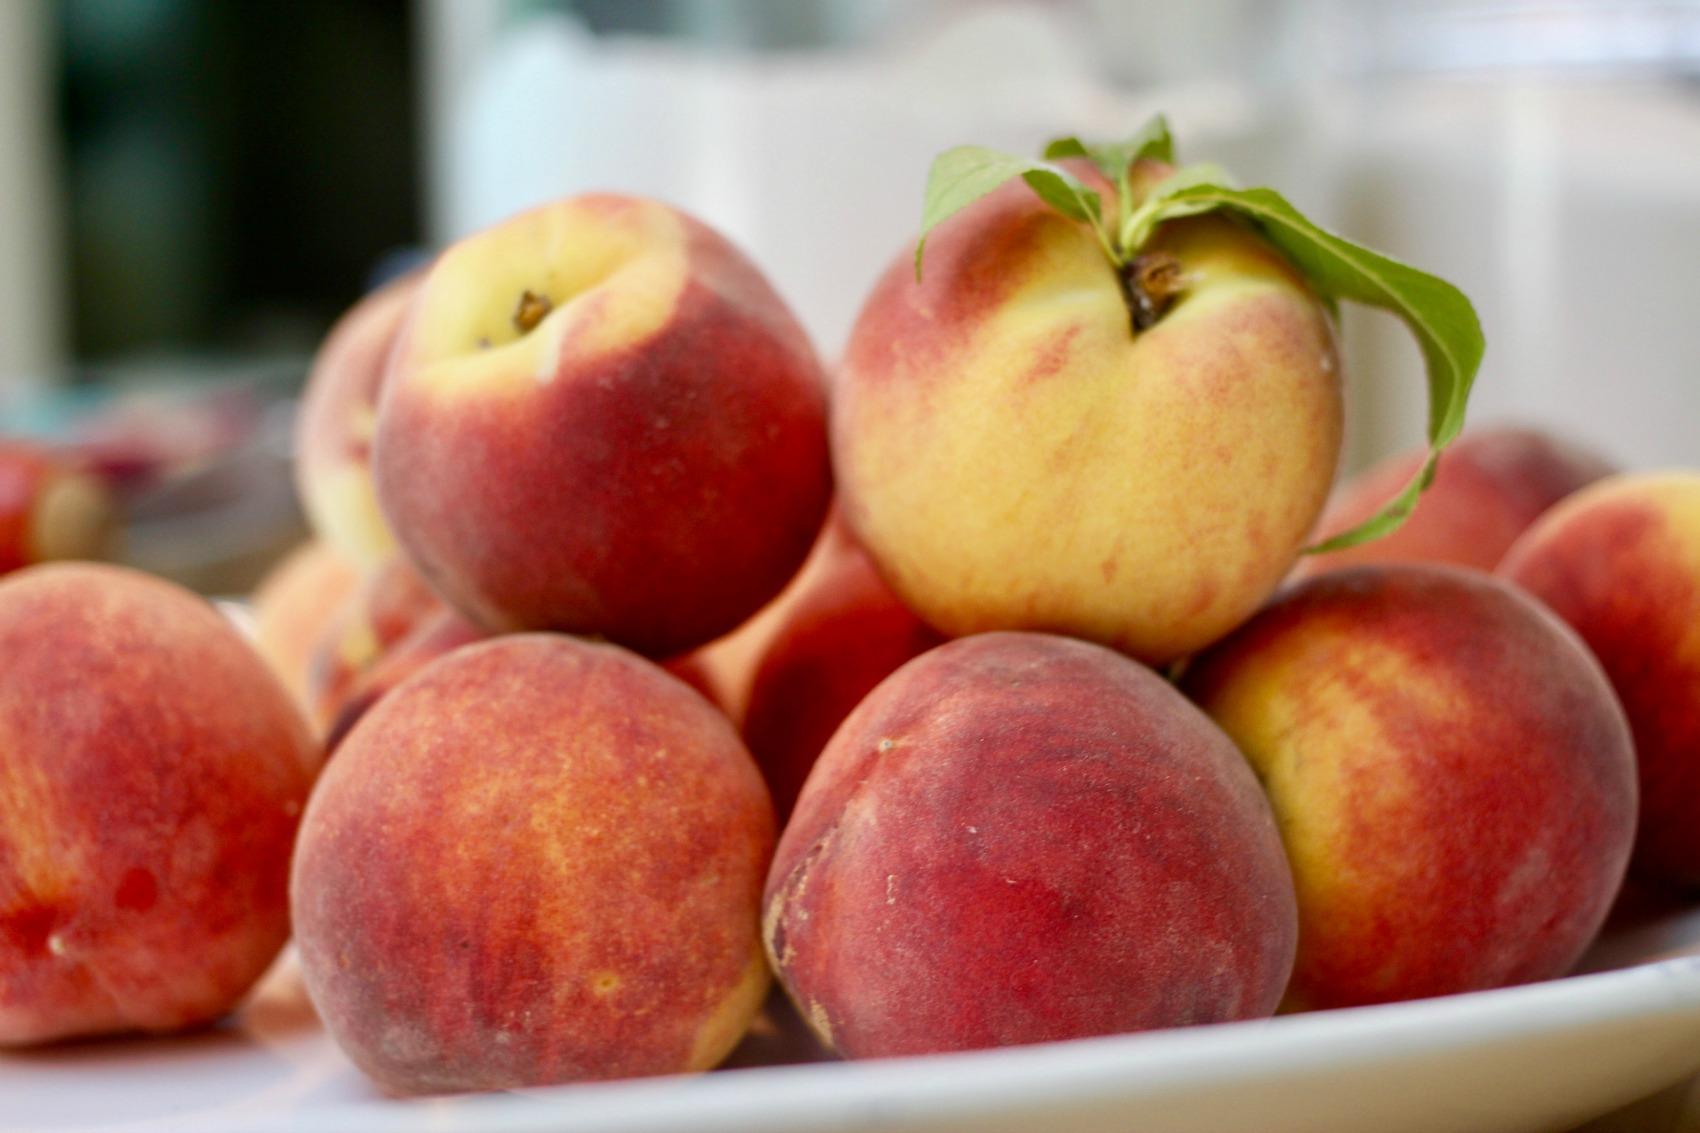 Texas peaches - Baugh Farms